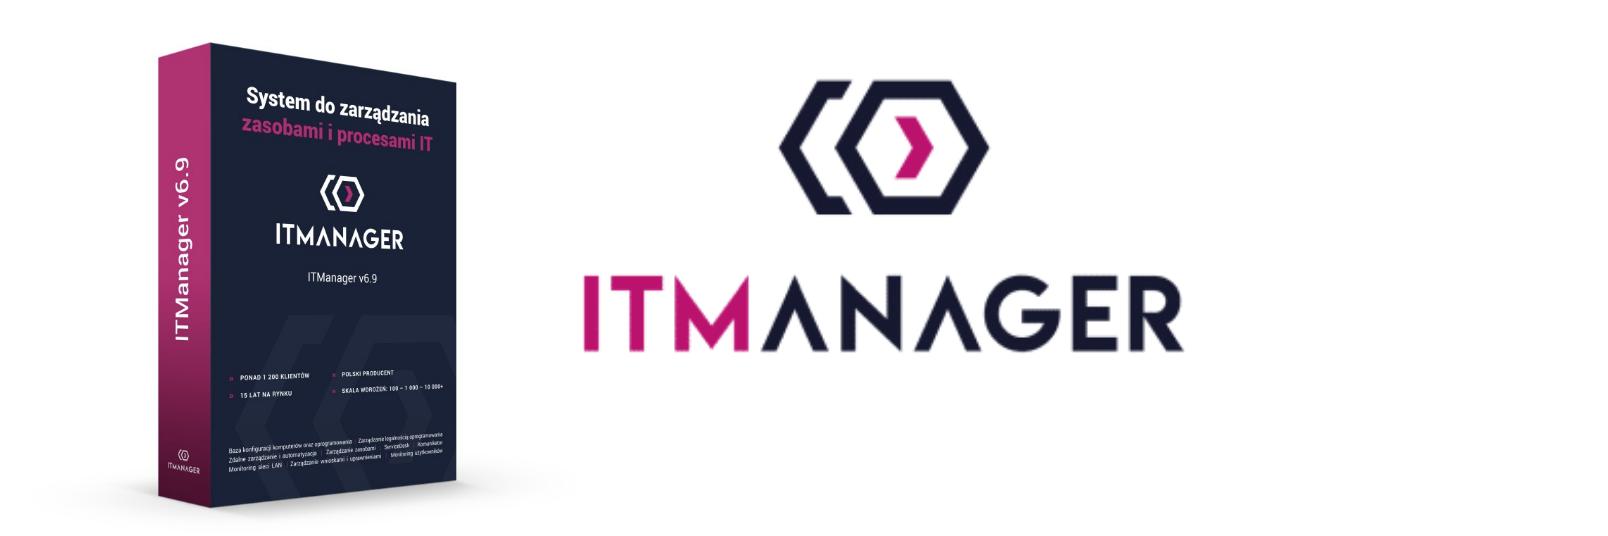 itmanager 1 - Darmowy pakiet bezpieczeństwa doochrony sieci - netcomplex